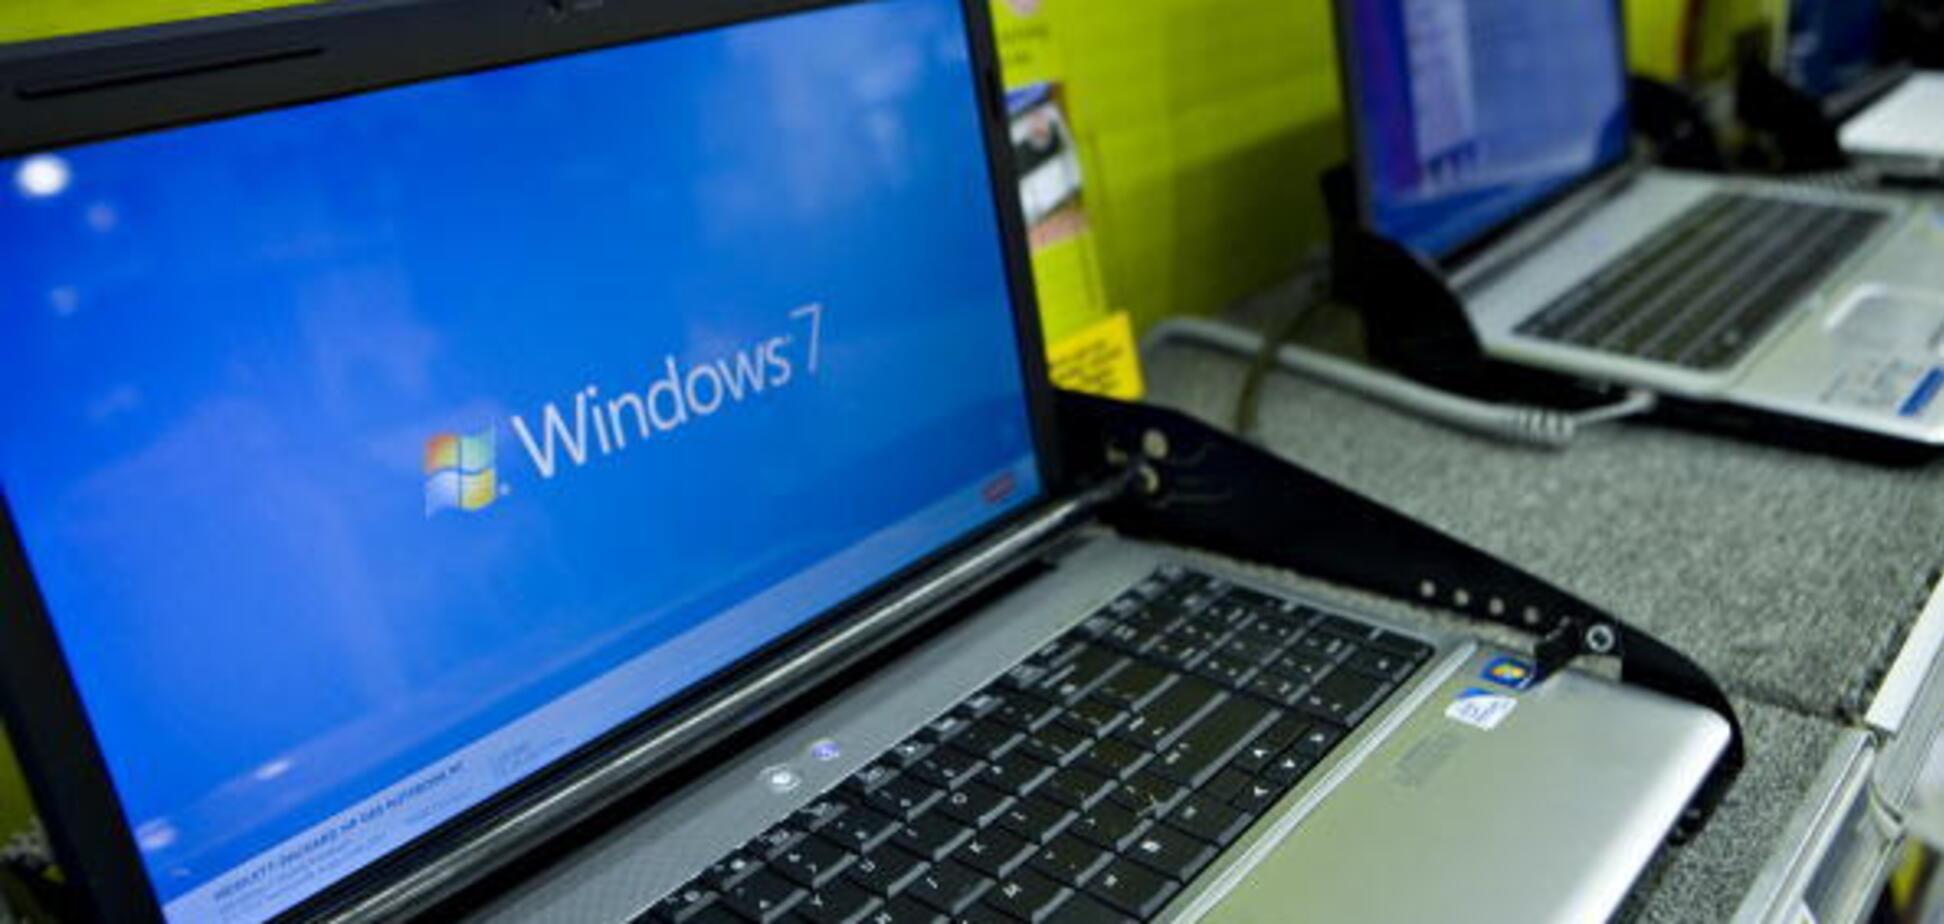 Все компьютеры под угрозой: стало известно о критической уязвимости Windows